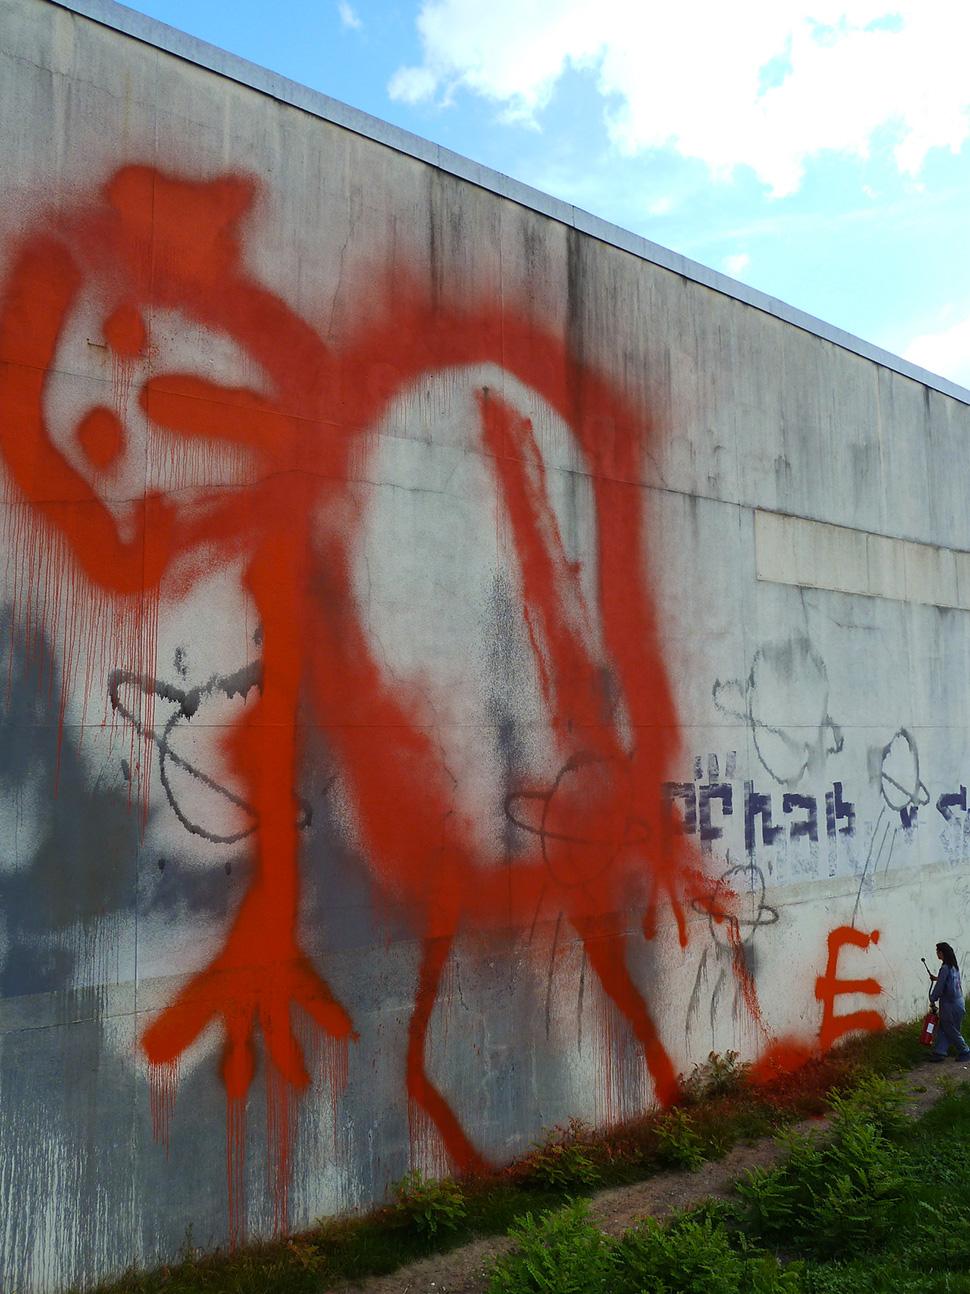 Ella-&-Pitr-extincteur-extinguisher-St-Etienne-peinture-piece-art-ubrain-les-papiers-peintres-saint-etienne-France-2013_1-web